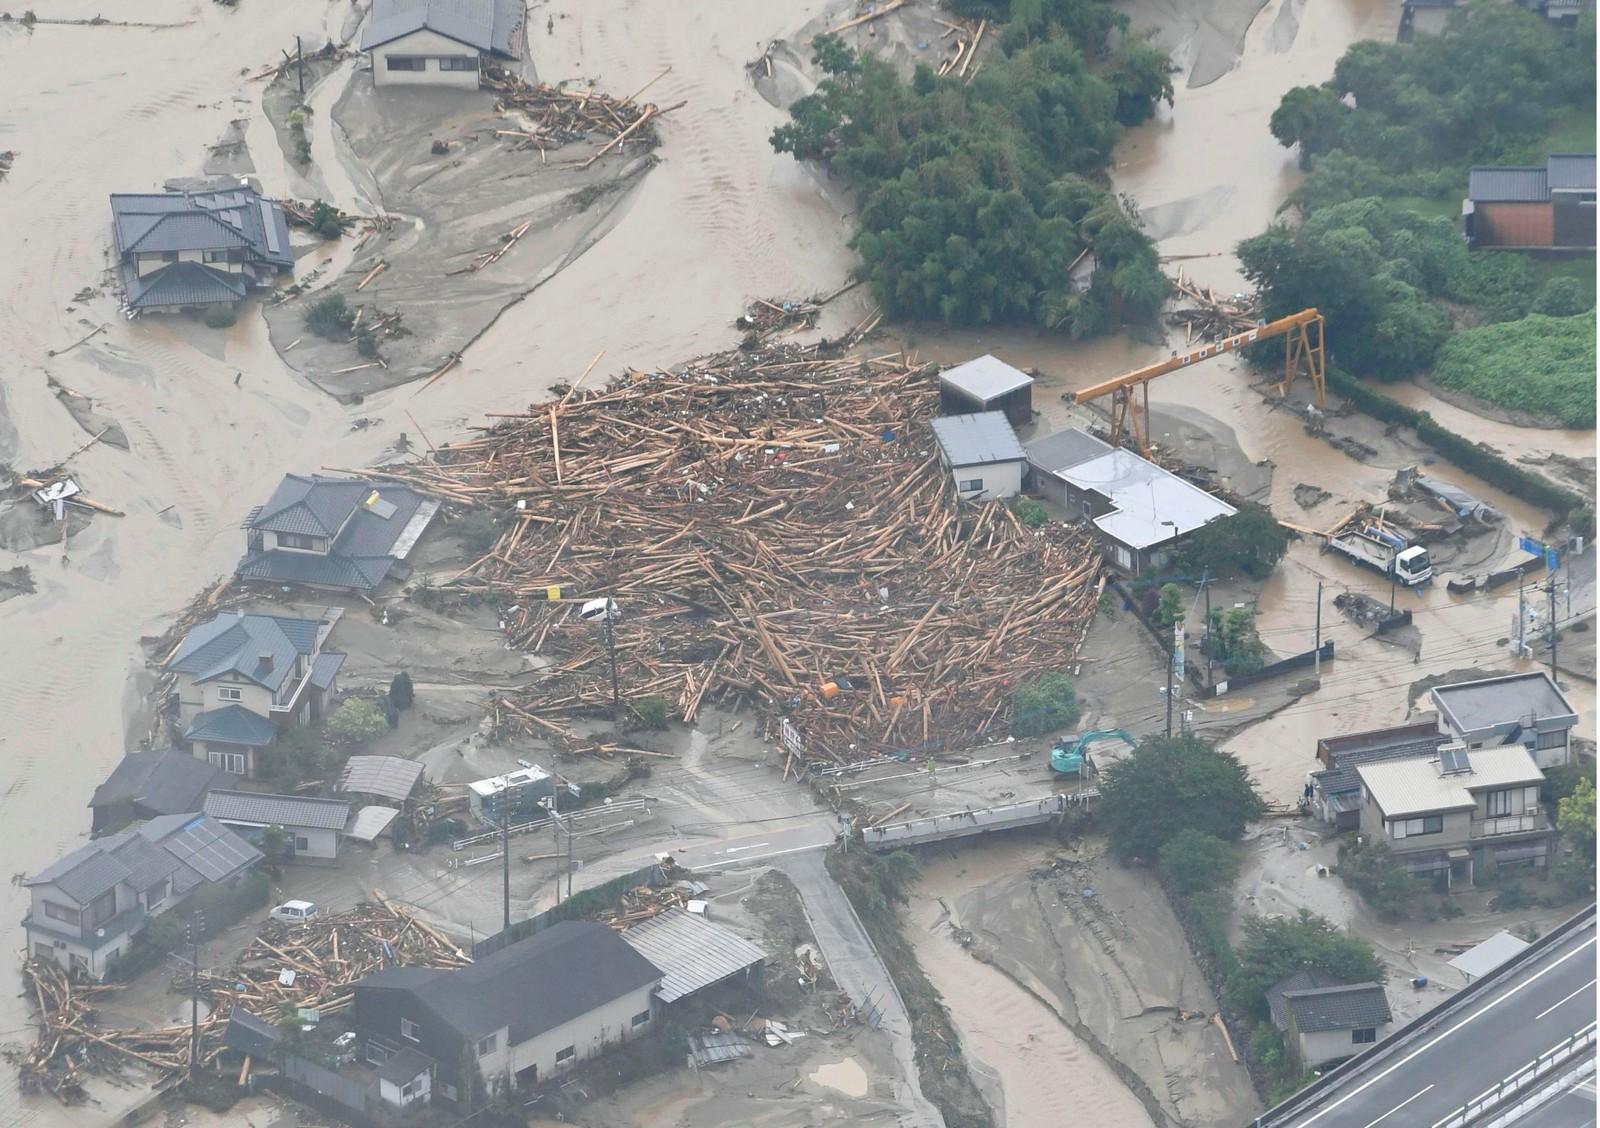 Ødelagte hus etter at en elv flommet over i Asakura i Japan 6. juli.